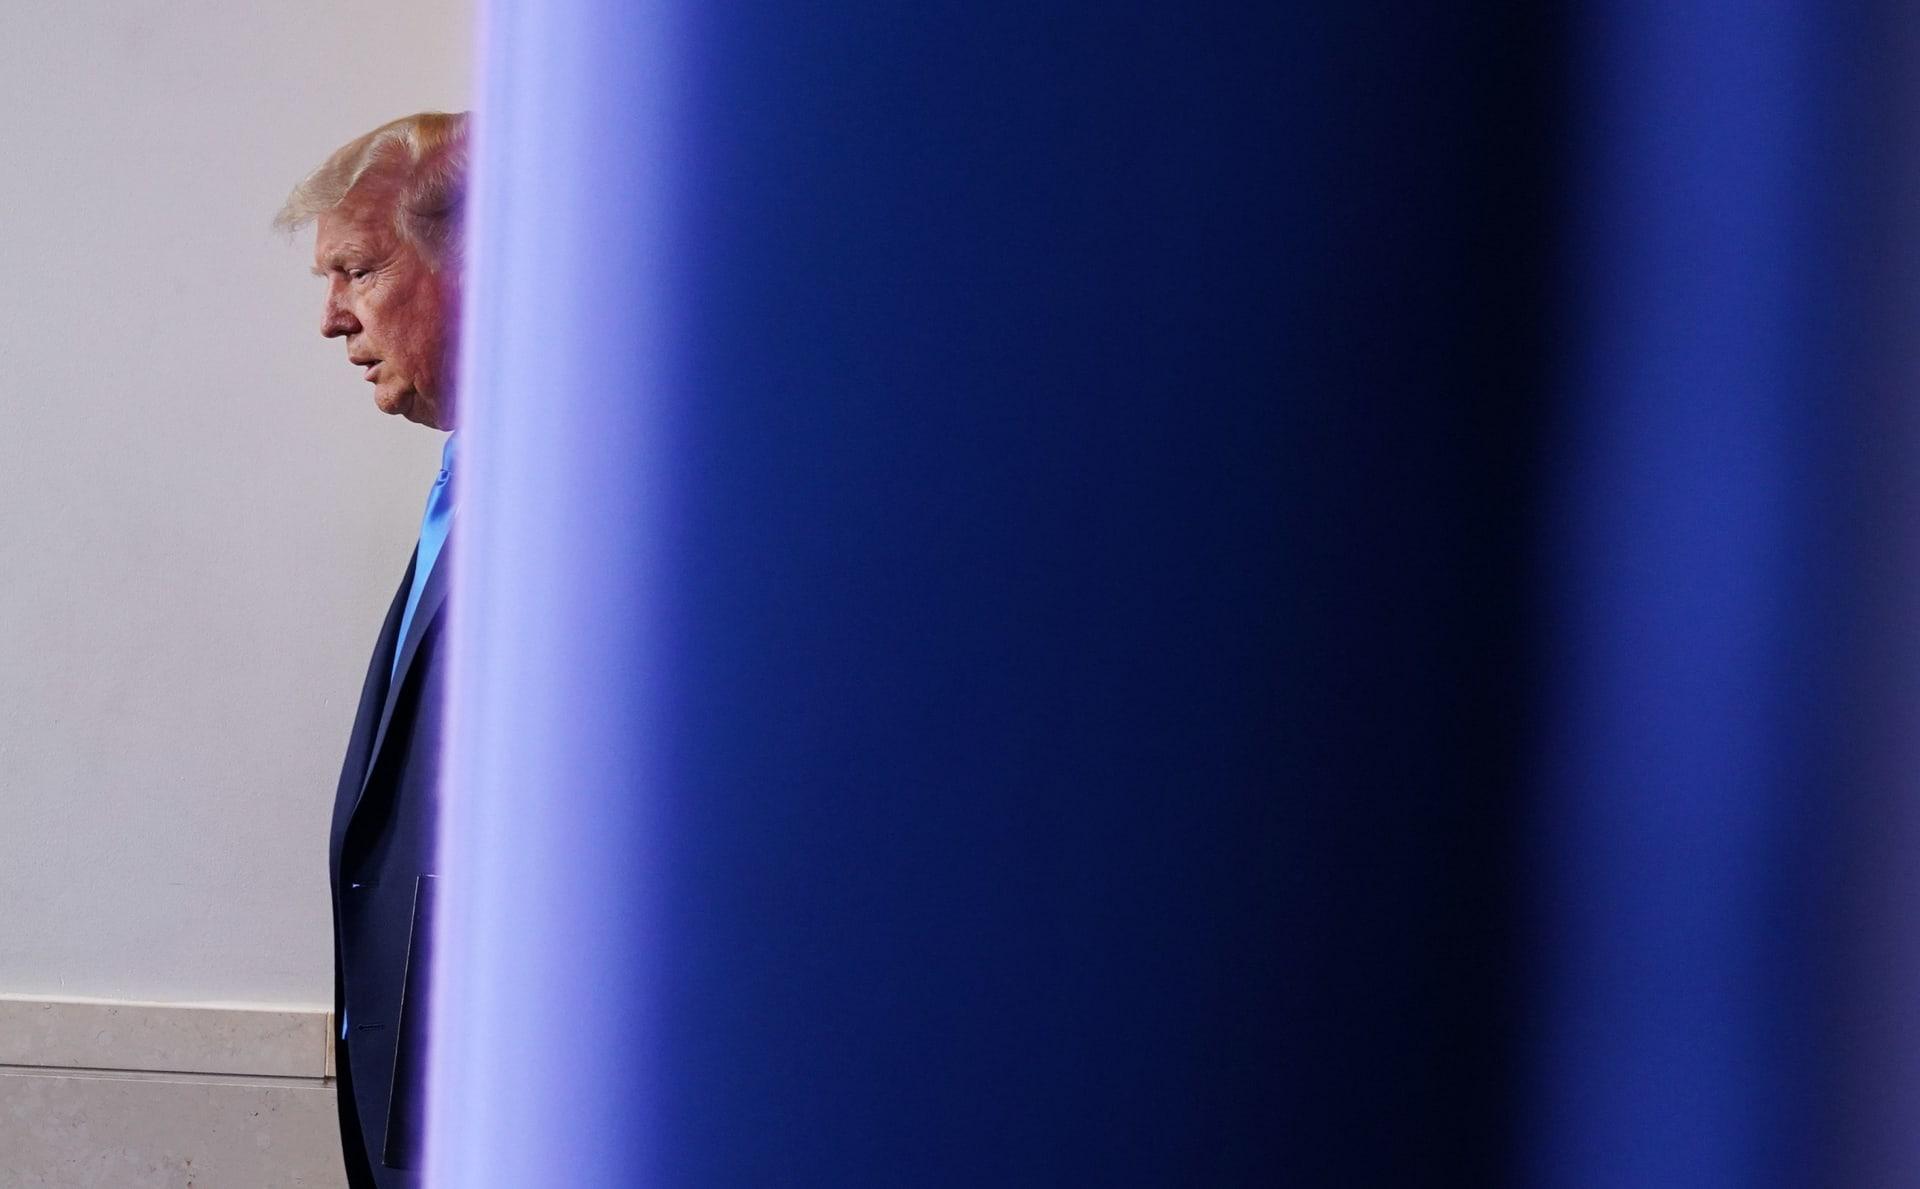 الشيوخ الأمريكي يصوت بالأغلبية لتجاوز فيتو ترامب ضد ميزانية وزارة الدفاع